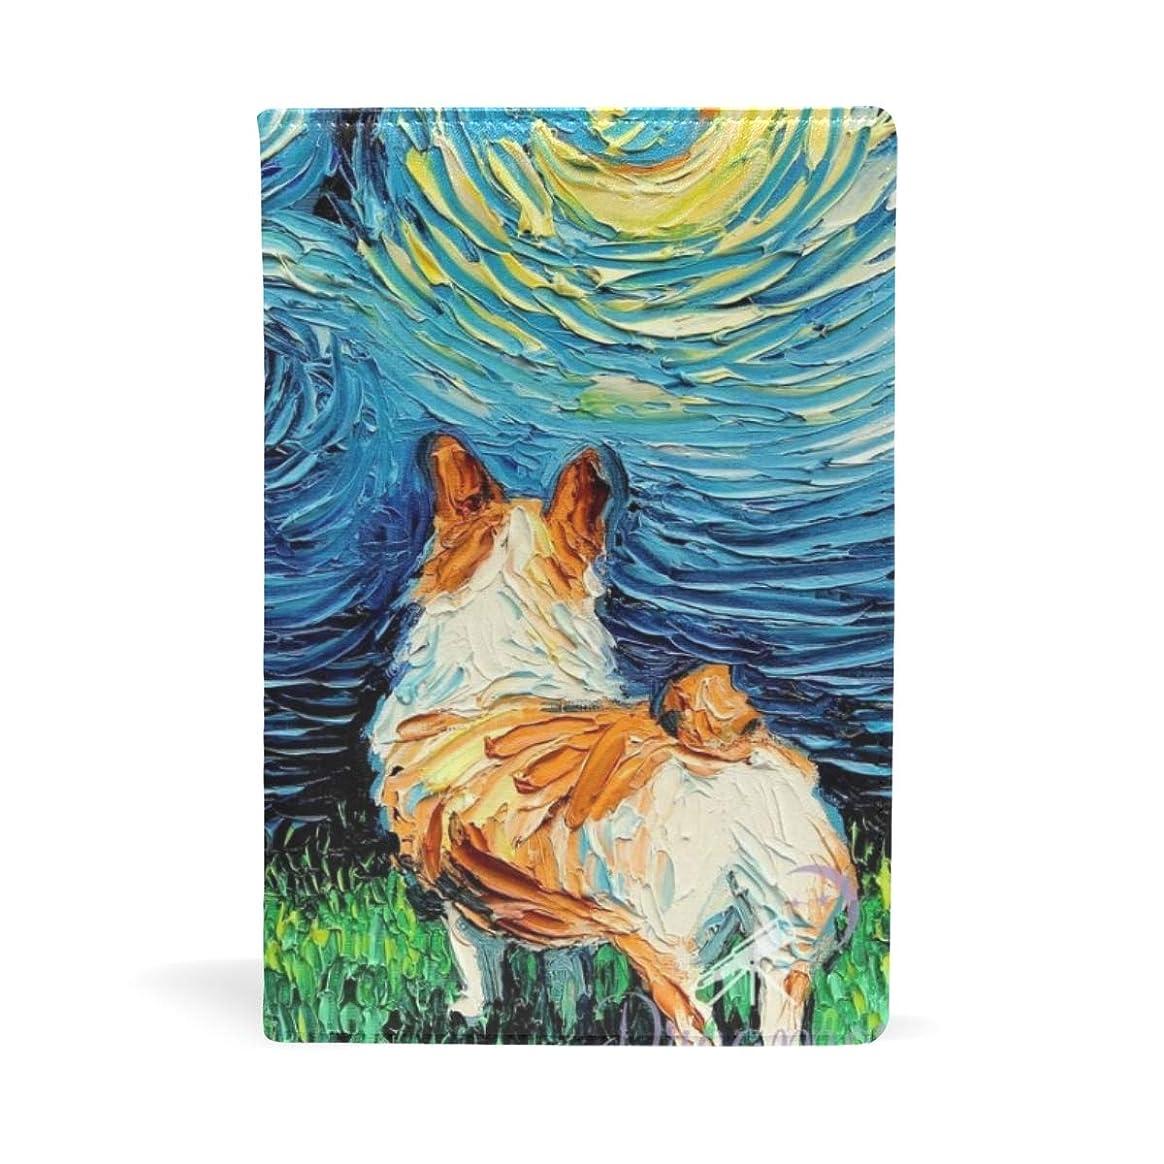 出くわすトン平和なコーギー 星空の夜アート ブックカバー 文庫 a5 皮革 おしゃれ 文庫本カバー 資料 収納入れ オフィス用品 読書 雑貨 プレゼント耐久性に優れ